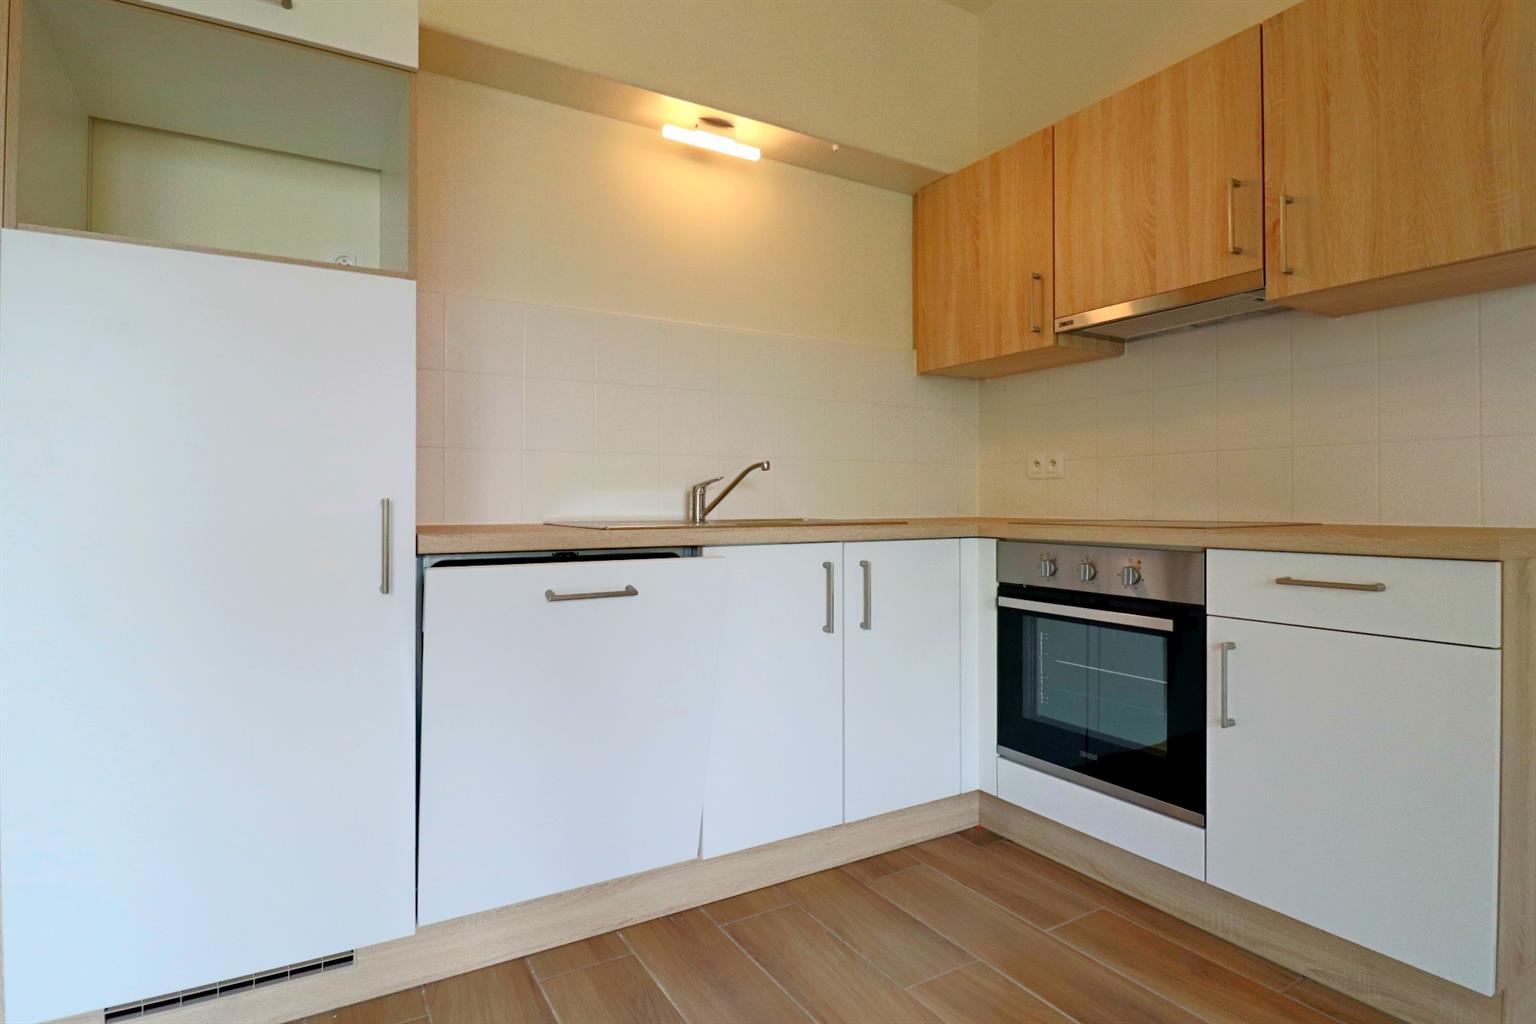 Appartement - Ottignies-Louvain-la-Neuve - #4406879-4